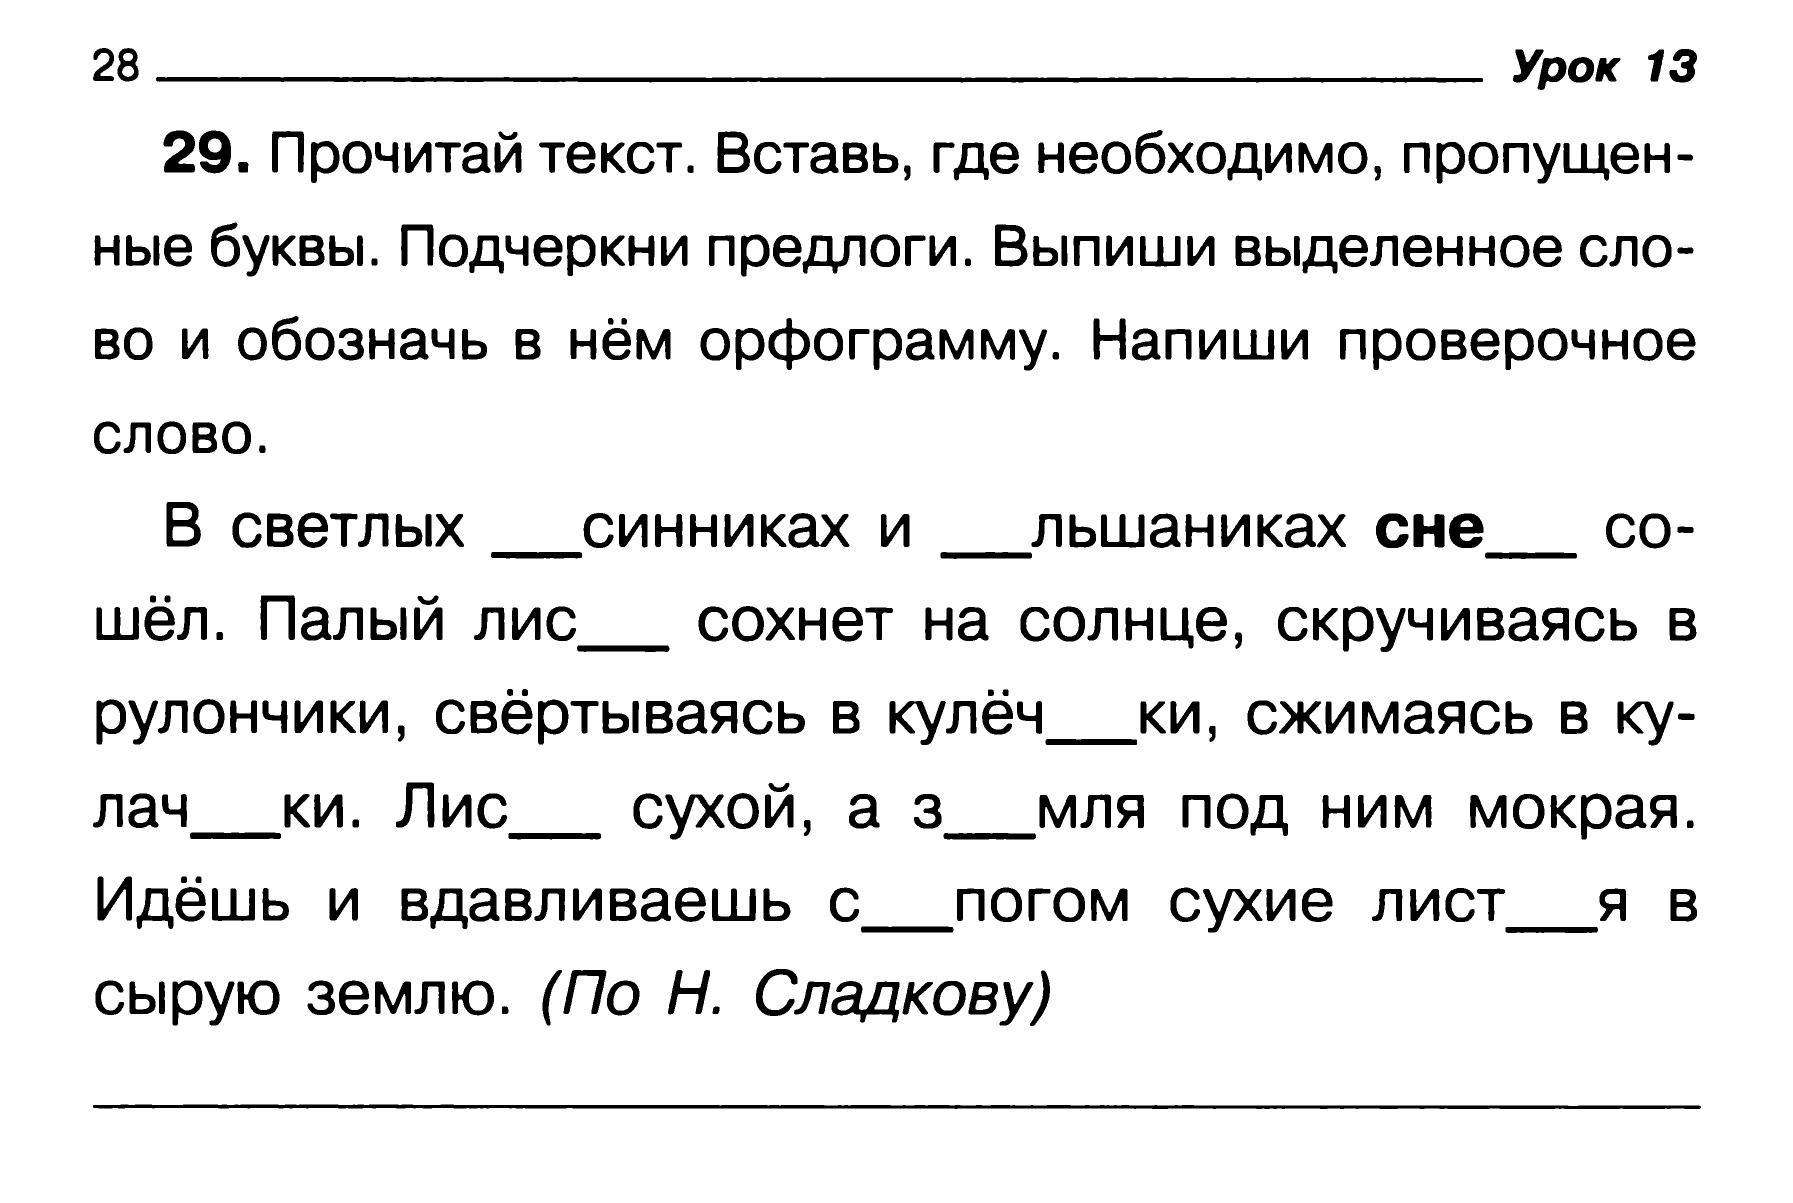 Занимательные задния по русскому языку 2 класса